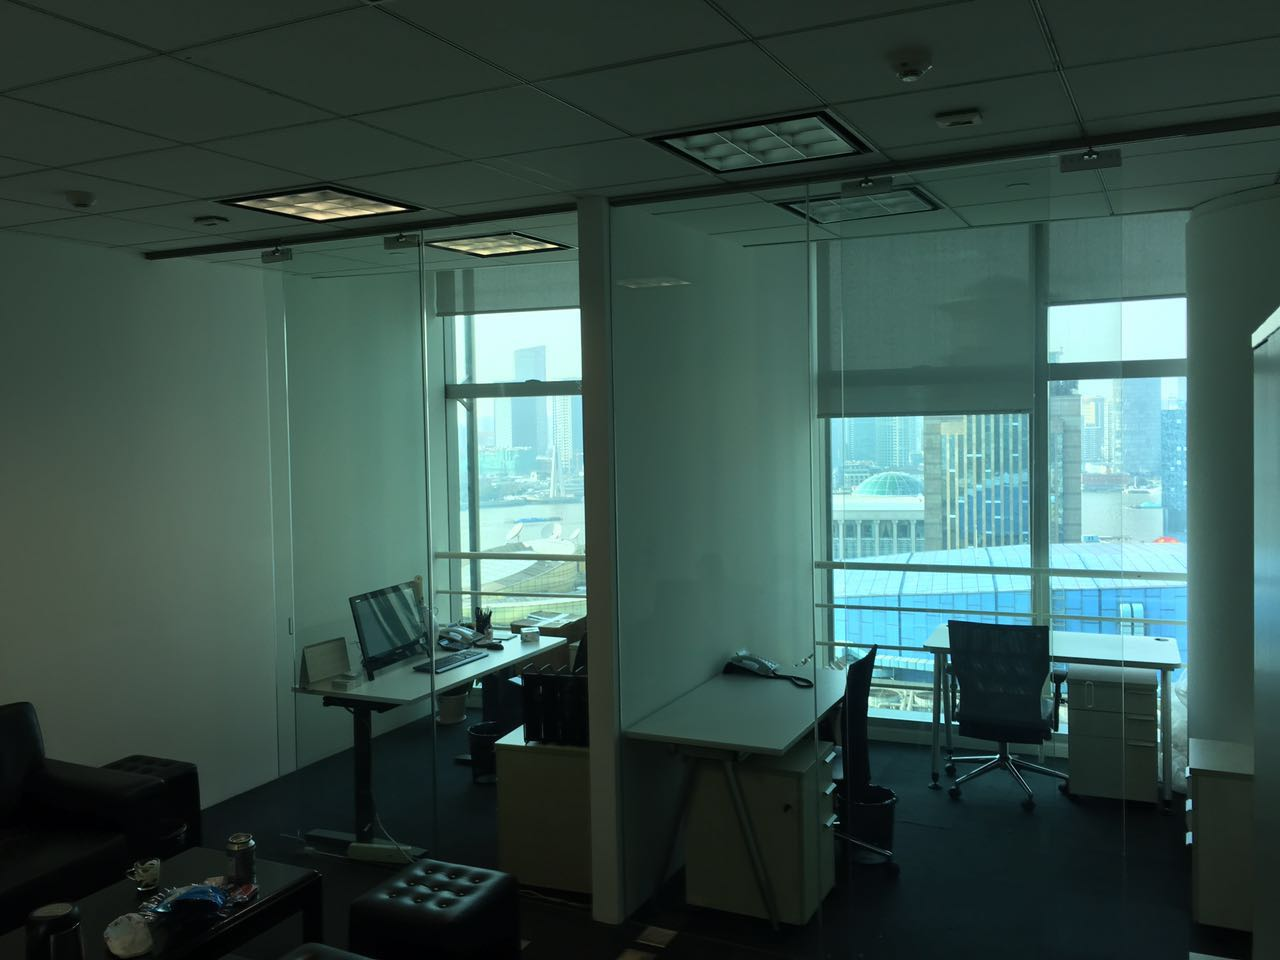 未来资产大厦TEC德事出租6人间带窗户现房